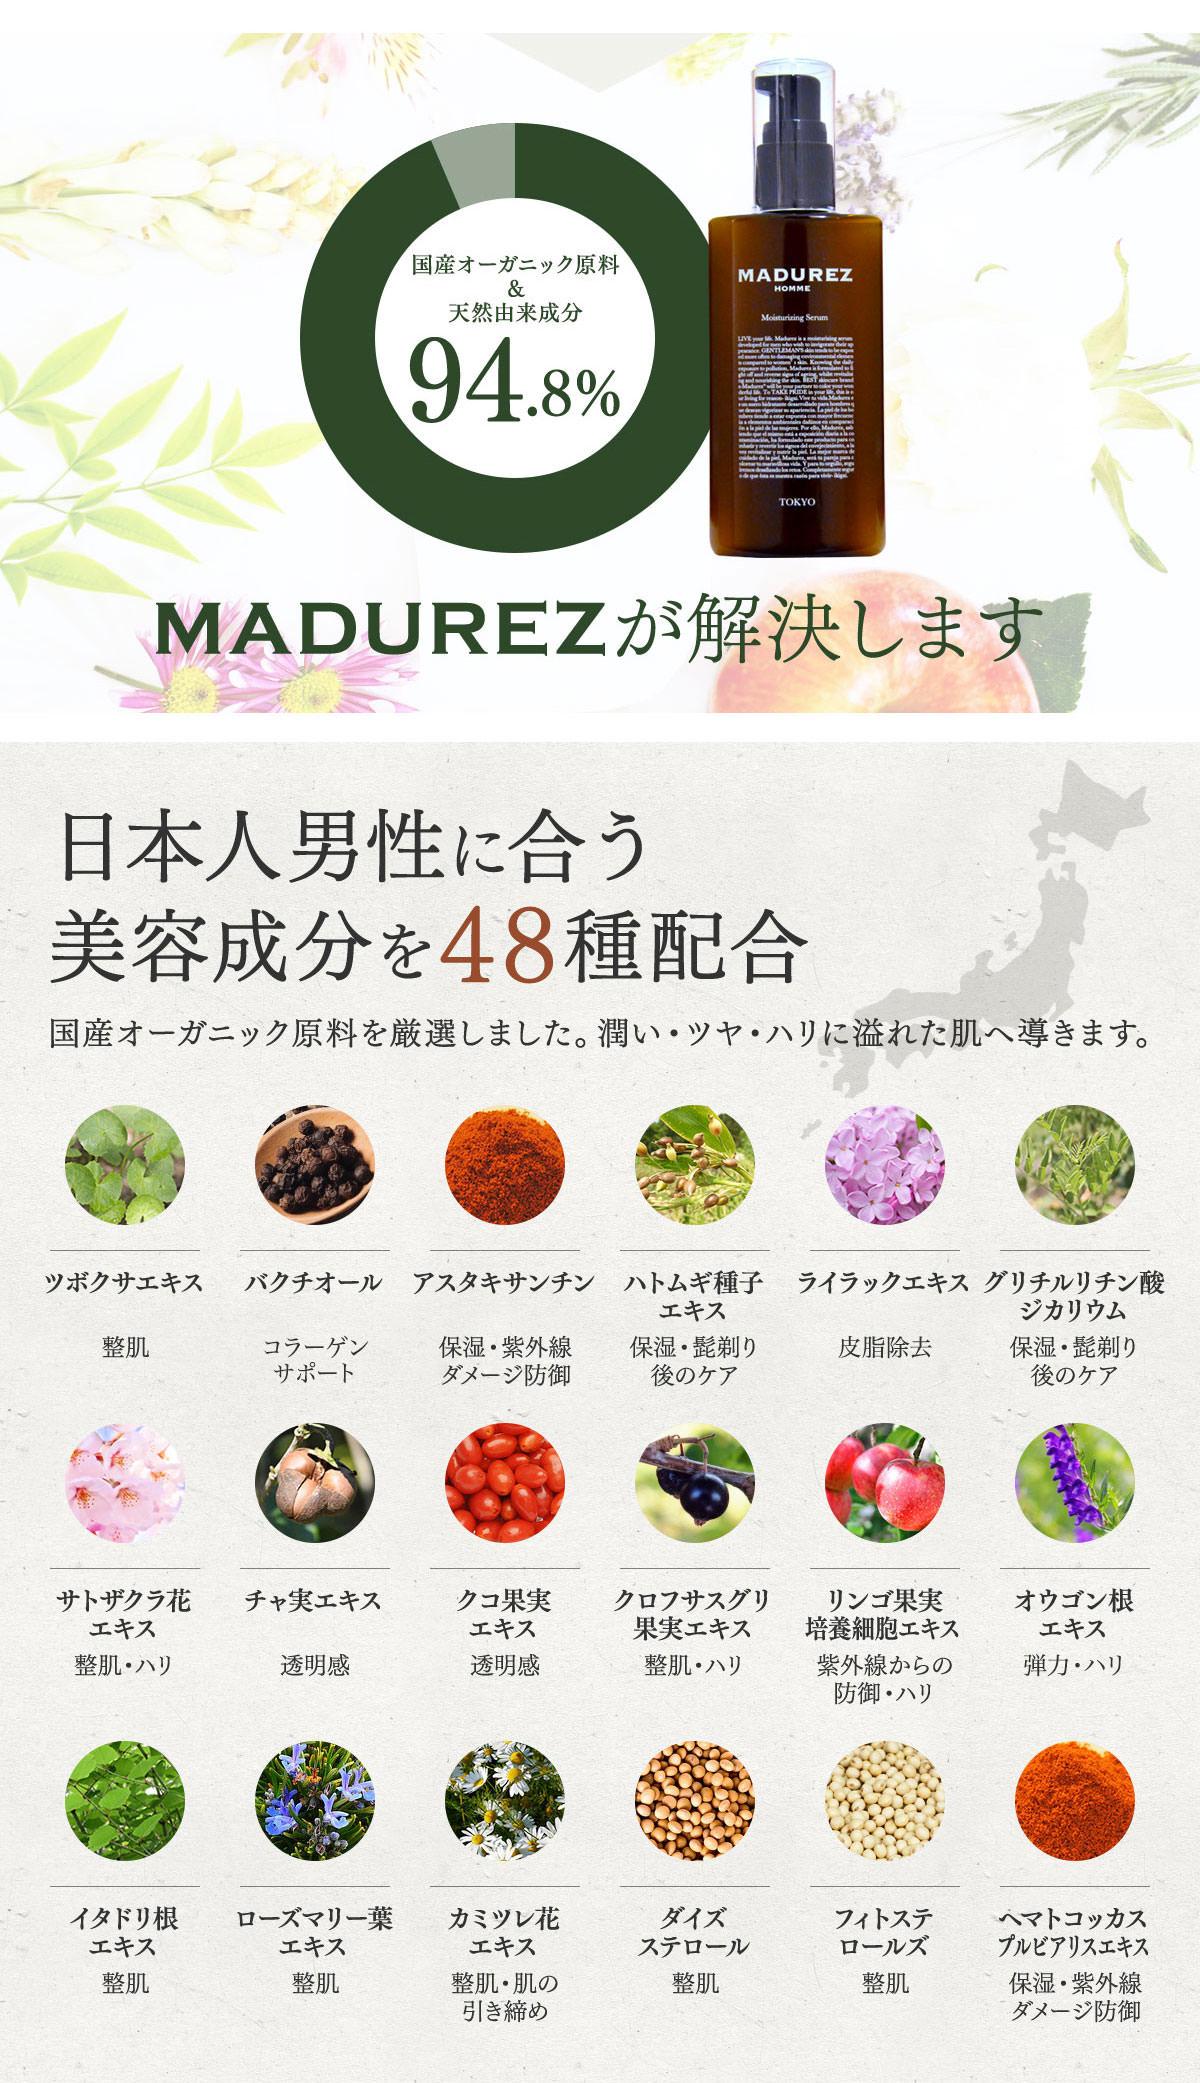 メンズ のエイジングケアは日本人男性に合う美容成分を48種類配合したオールインワン化粧品のMadurezで